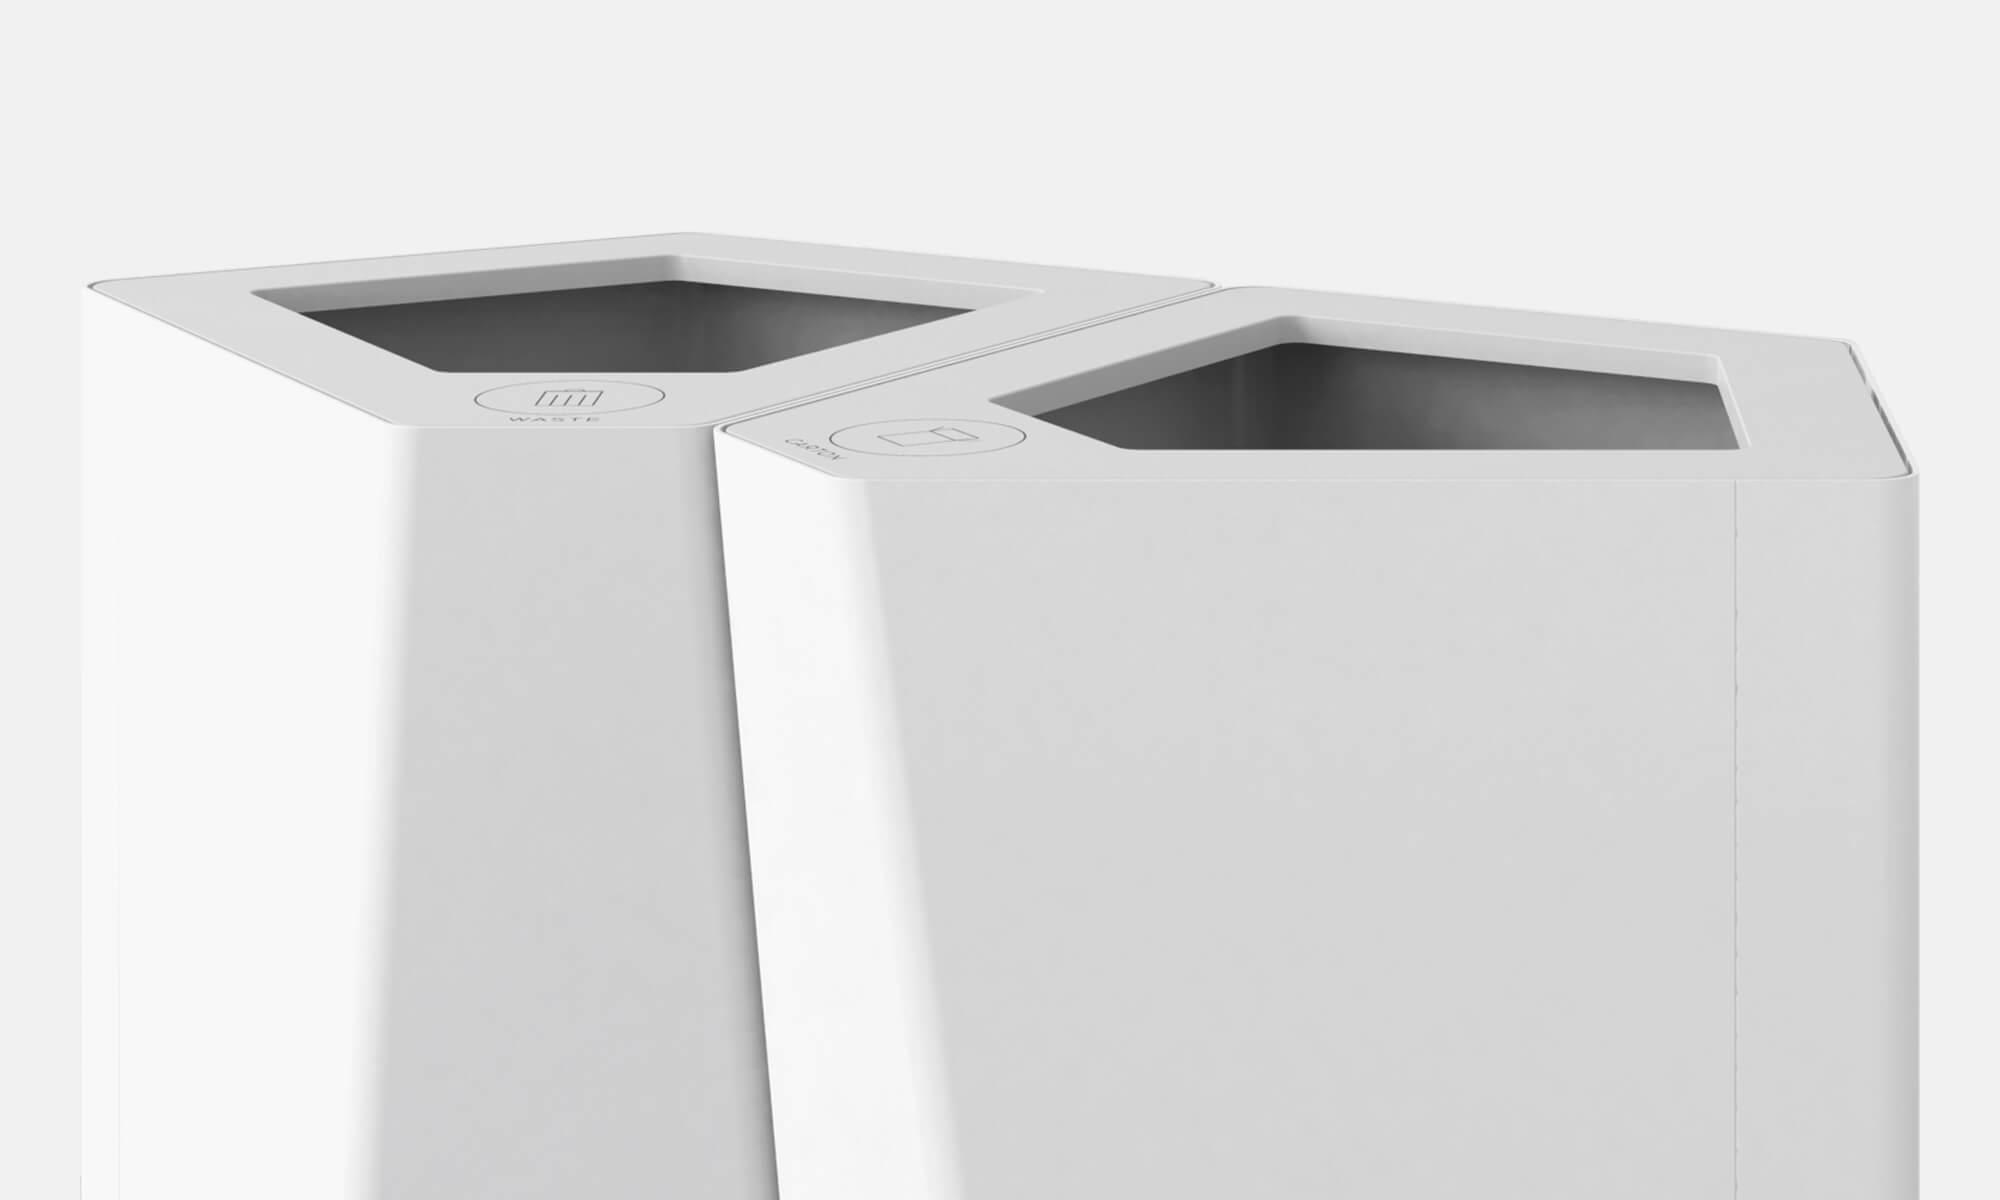 Kite papperskorg källsortering offentliga miljöer kontor förvaringslösningar